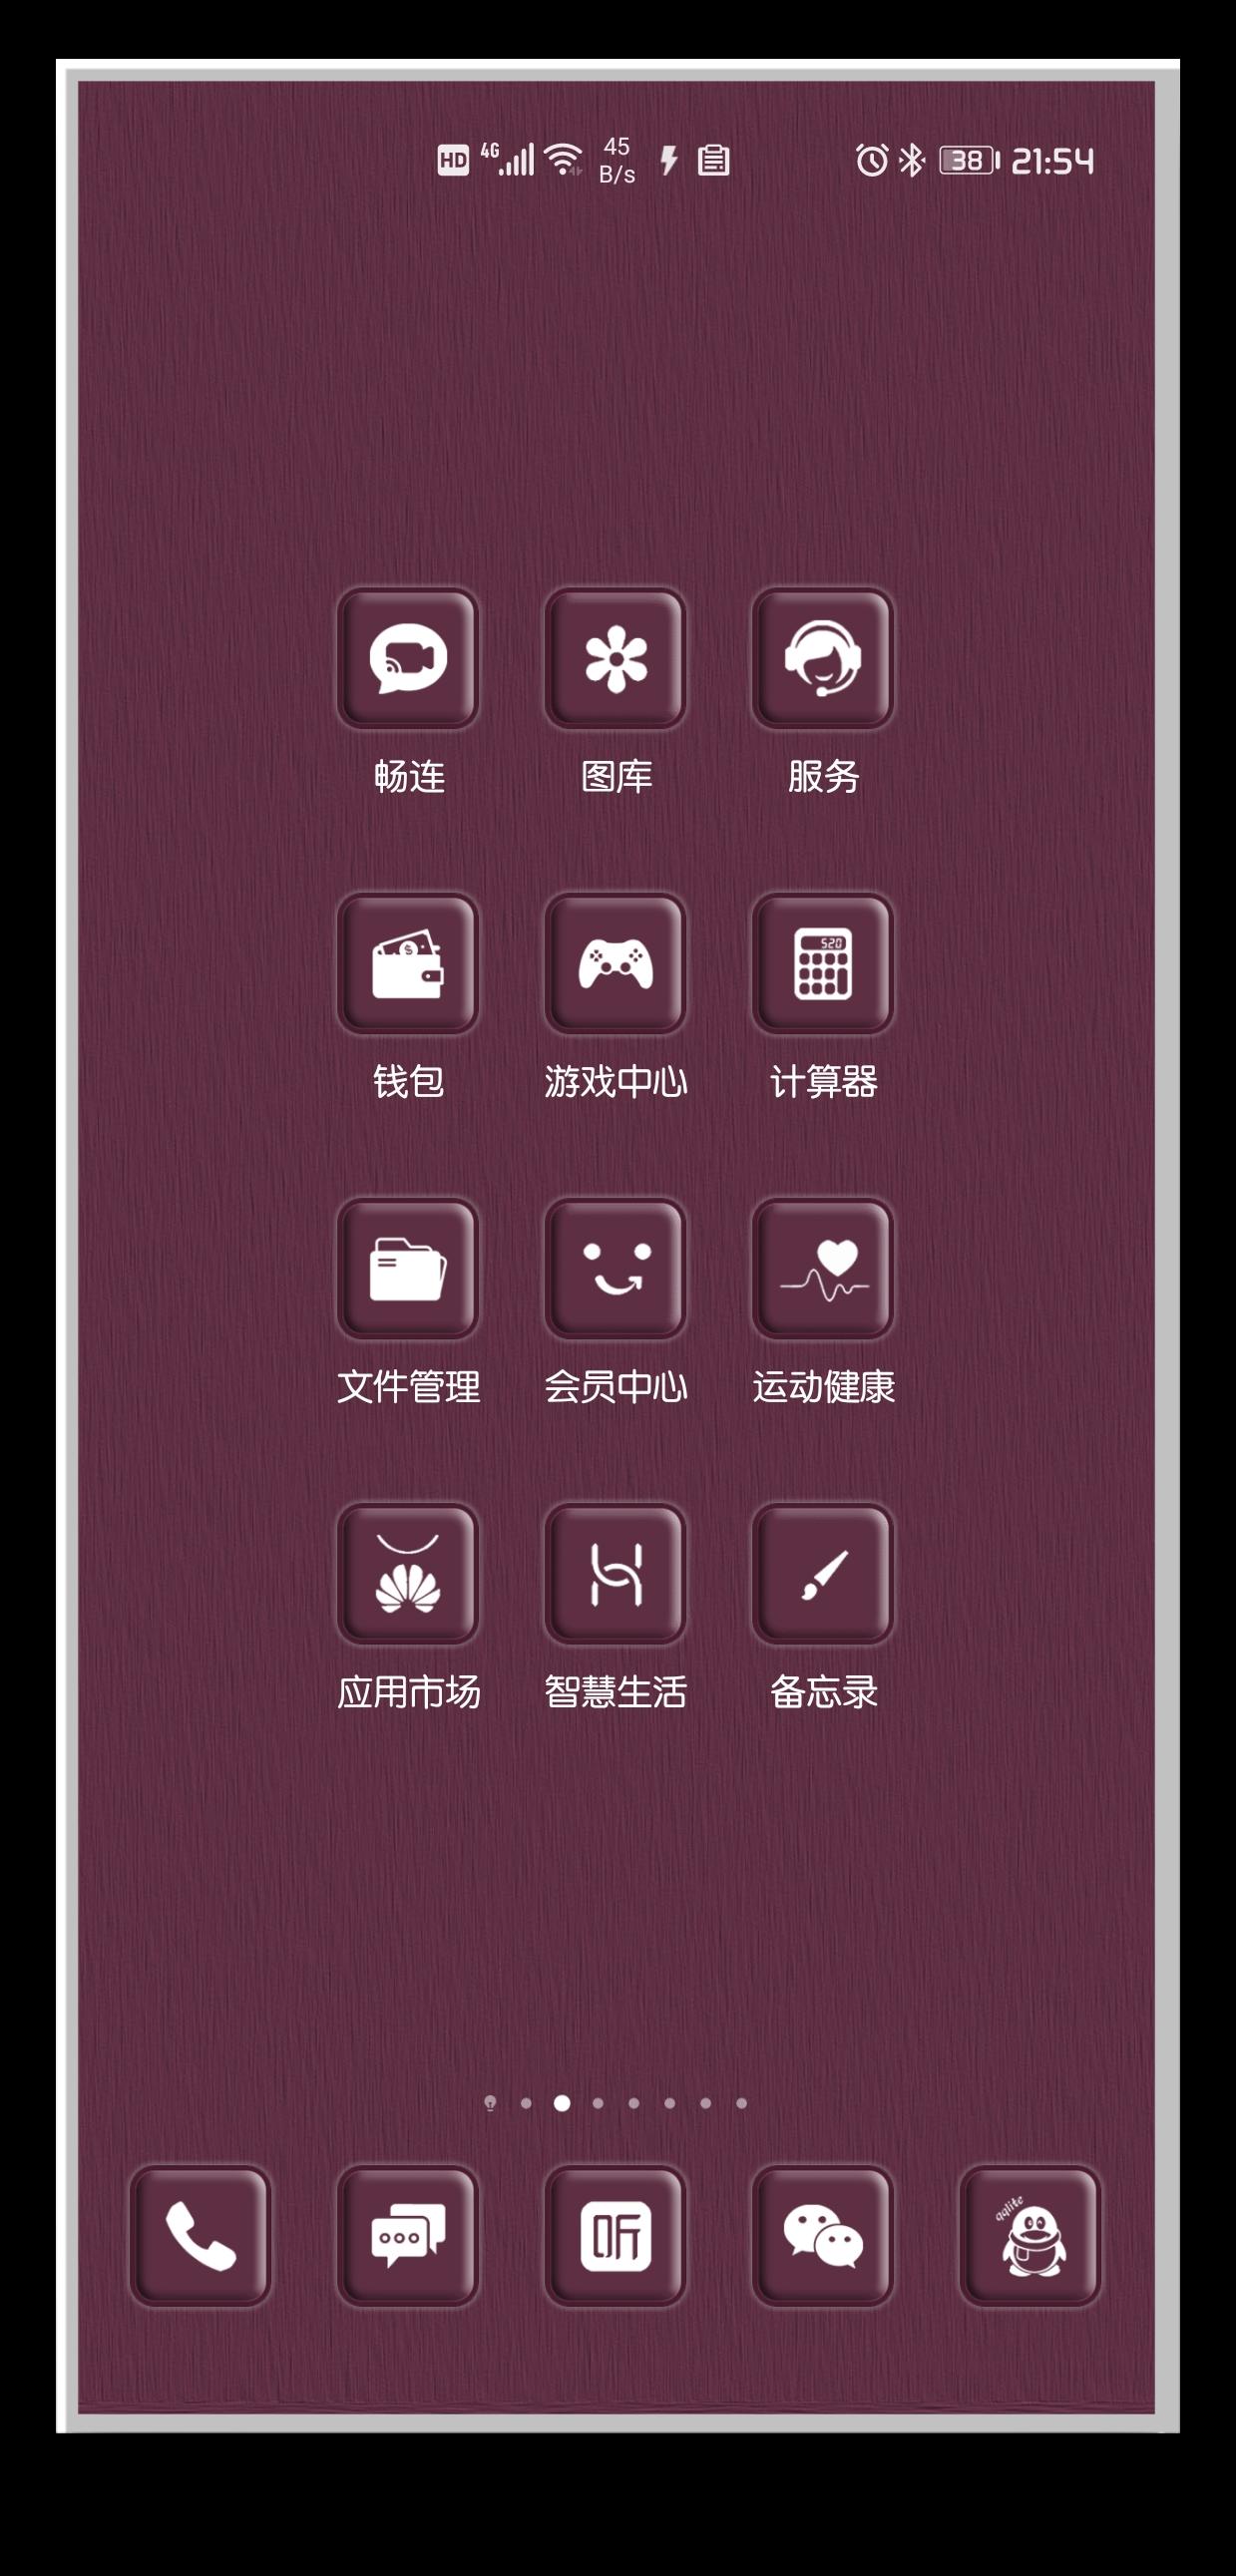 HiShoot_20210305_220608.png